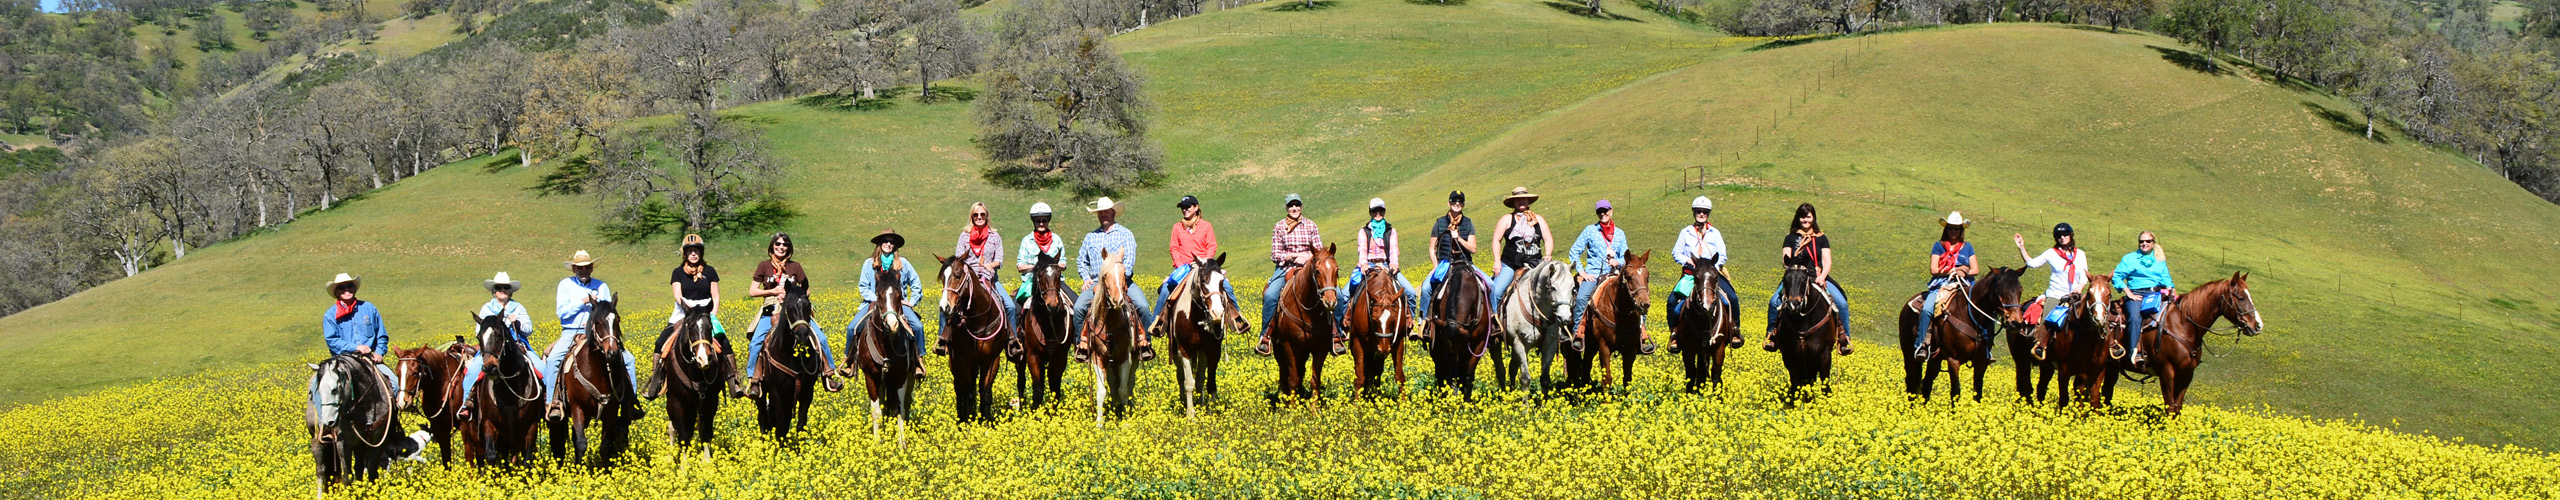 V6_Ranch_Barbs_Wild_Weekend